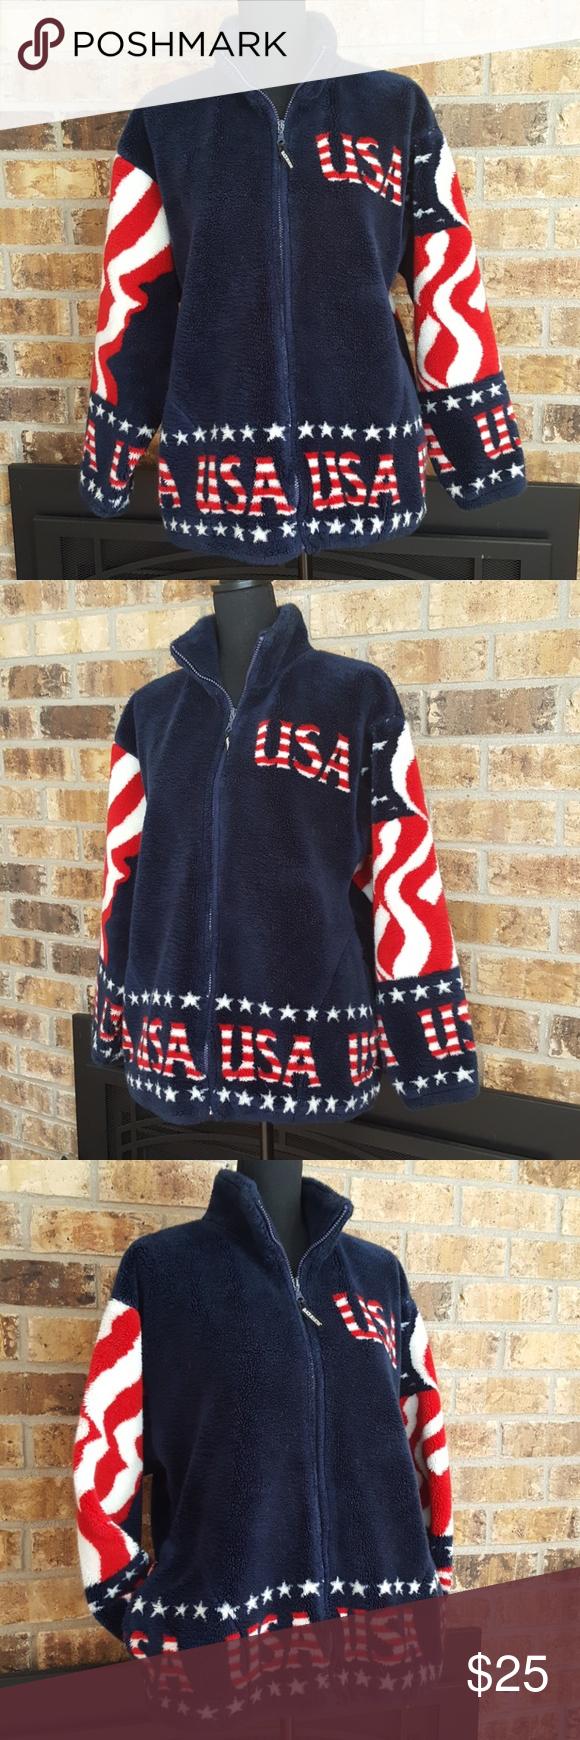 Black Mountain Outdoor Usa Fleece Jacket Fleece Jacket Jackets Fleece [ 1740 x 580 Pixel ]